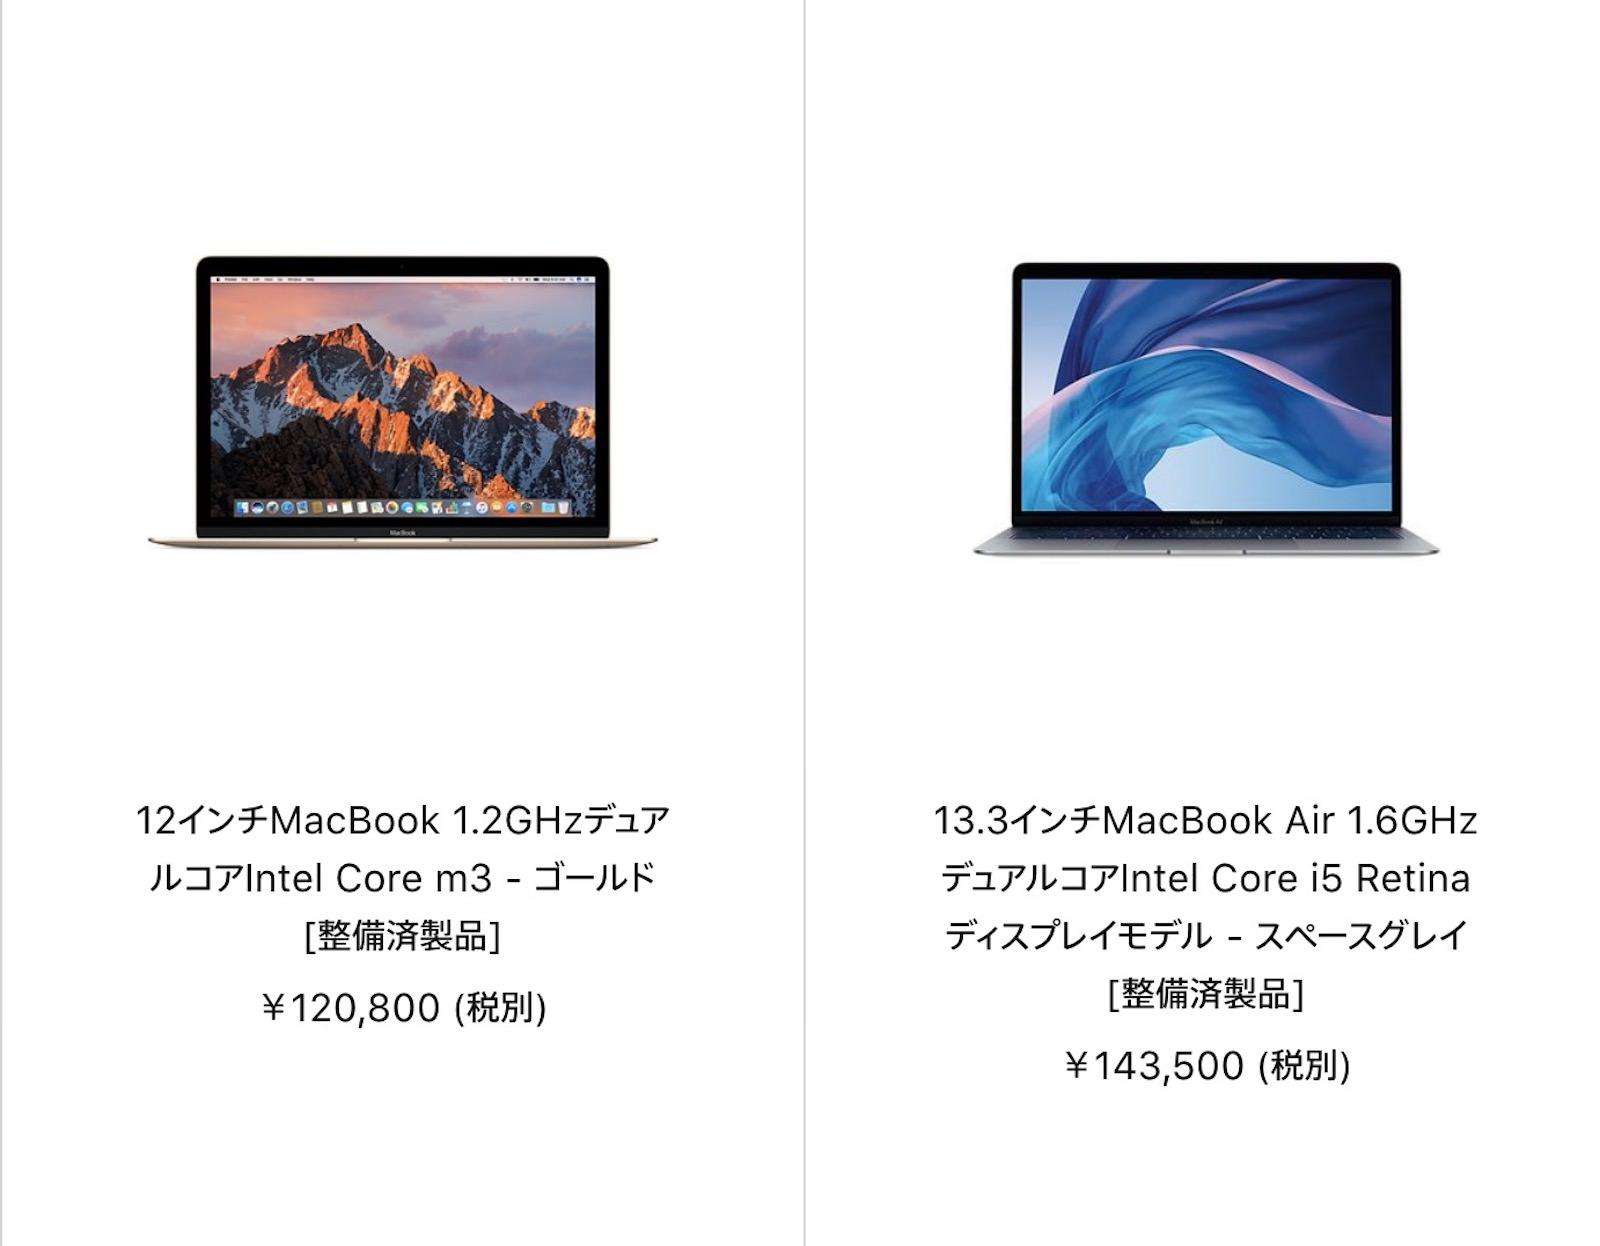 Macbook macbookair refurbished